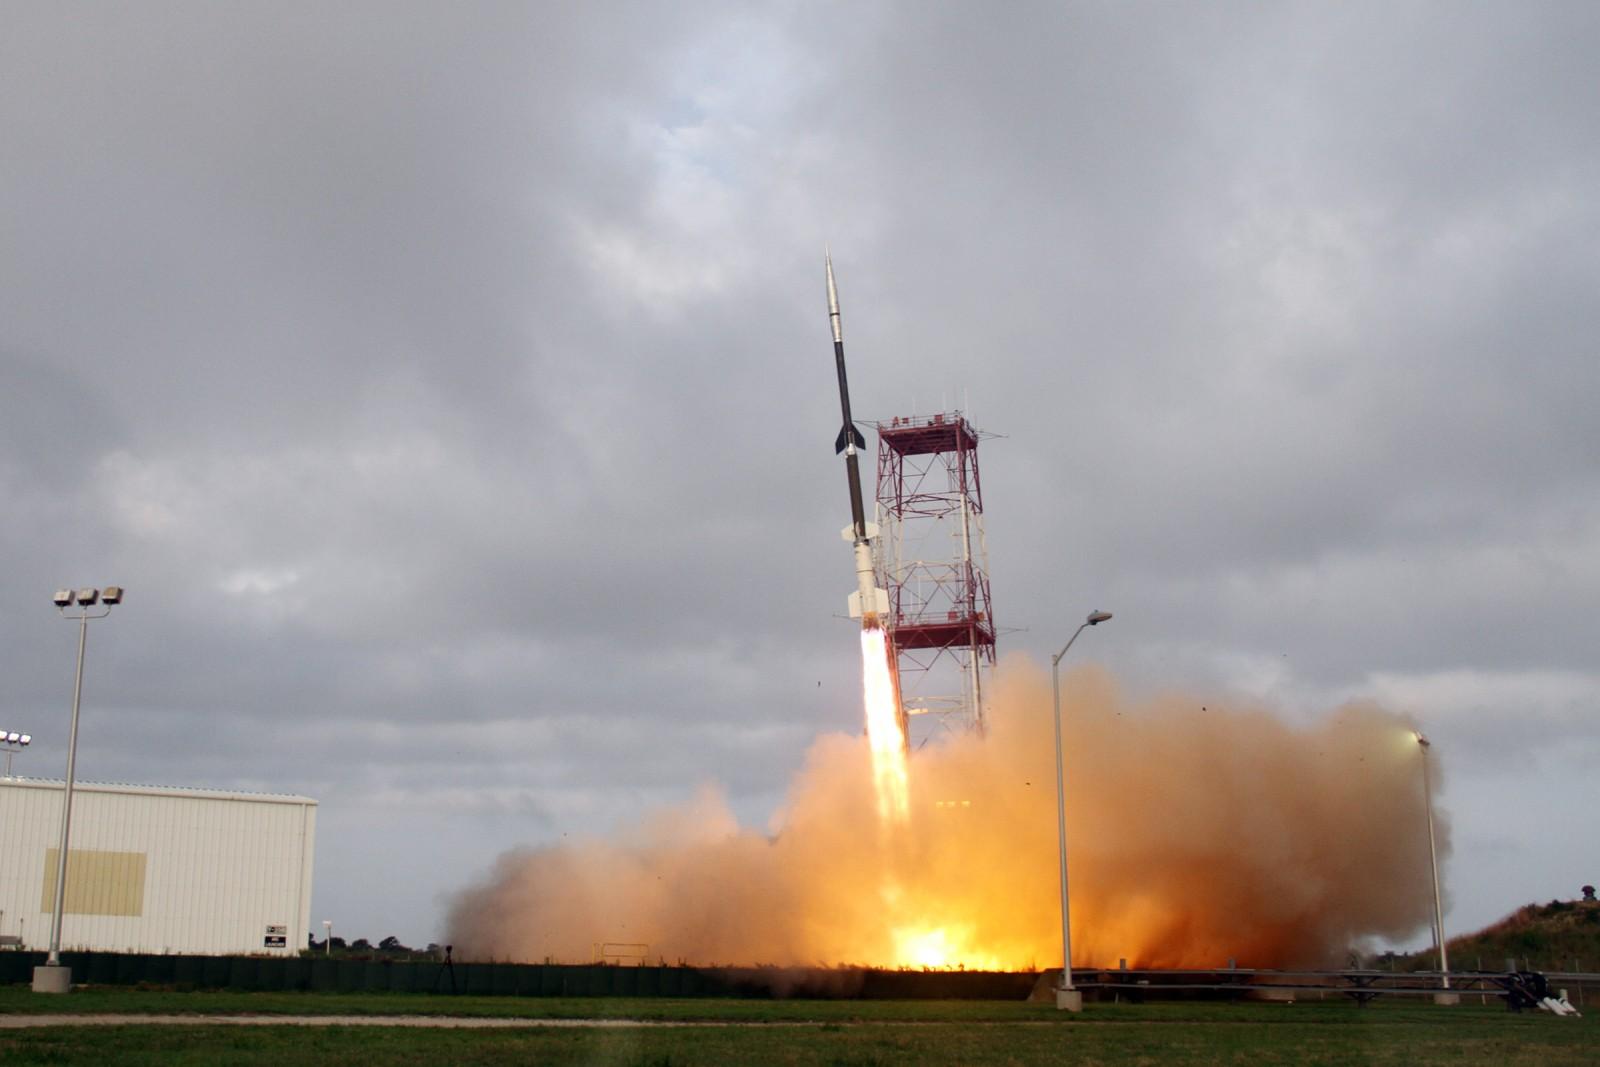 Start Black Brant IX z dnia 23 lipca z ładunkiem stanowiącym osłonę termiczną IRVE-3 wraz z oprzyrządowaniem. (Credits: NASA)